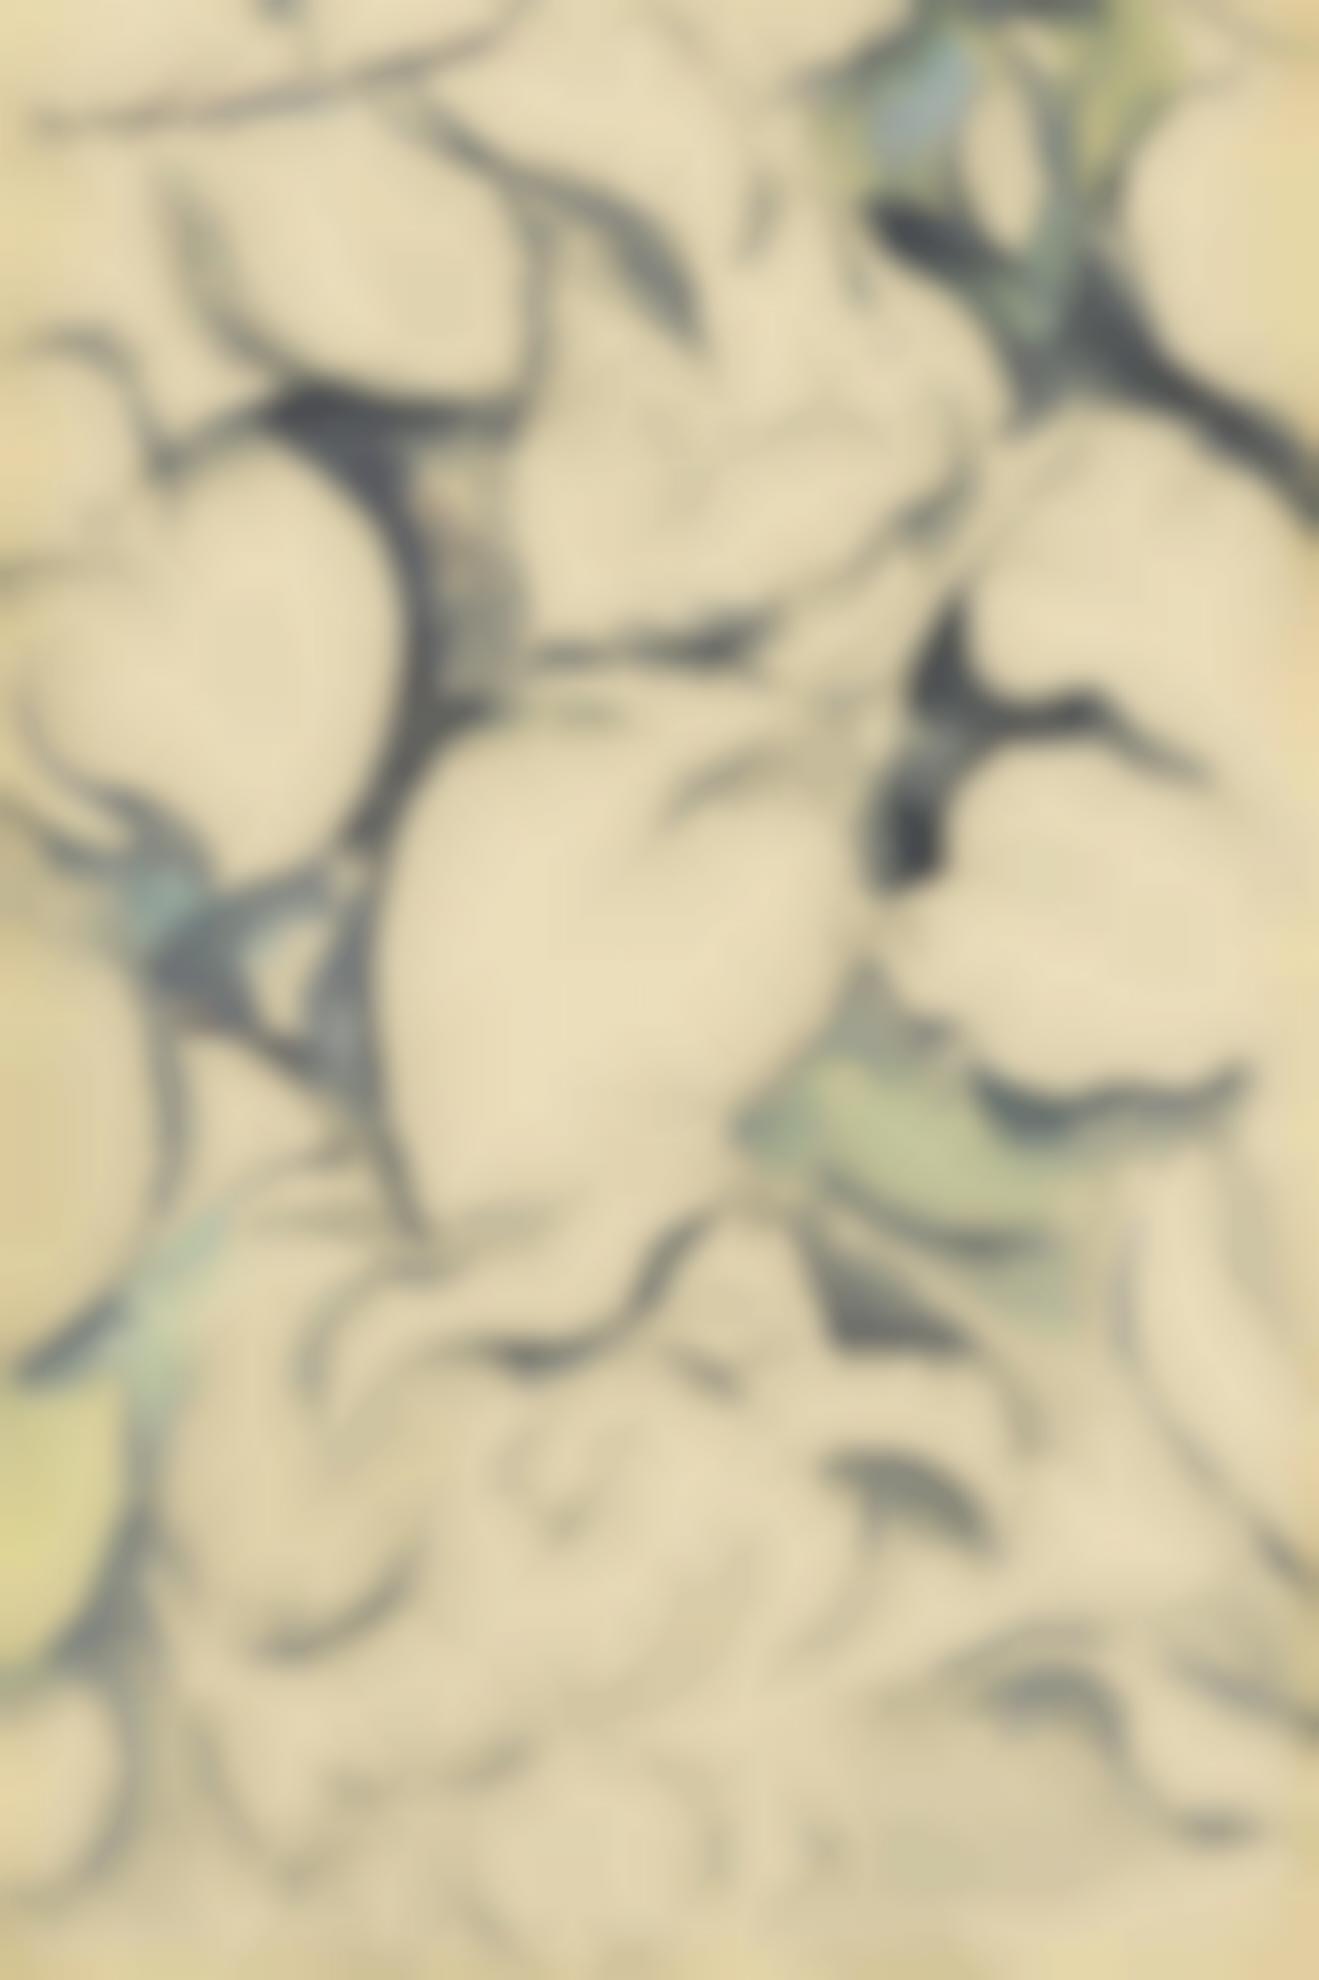 Paul Cezanne-Feuilles Et Fleurs (Recto) & Etude Apres Une Sculpture Antique: Faune Et Enfant (Verso) (A Double-Sided Drawing)-1895